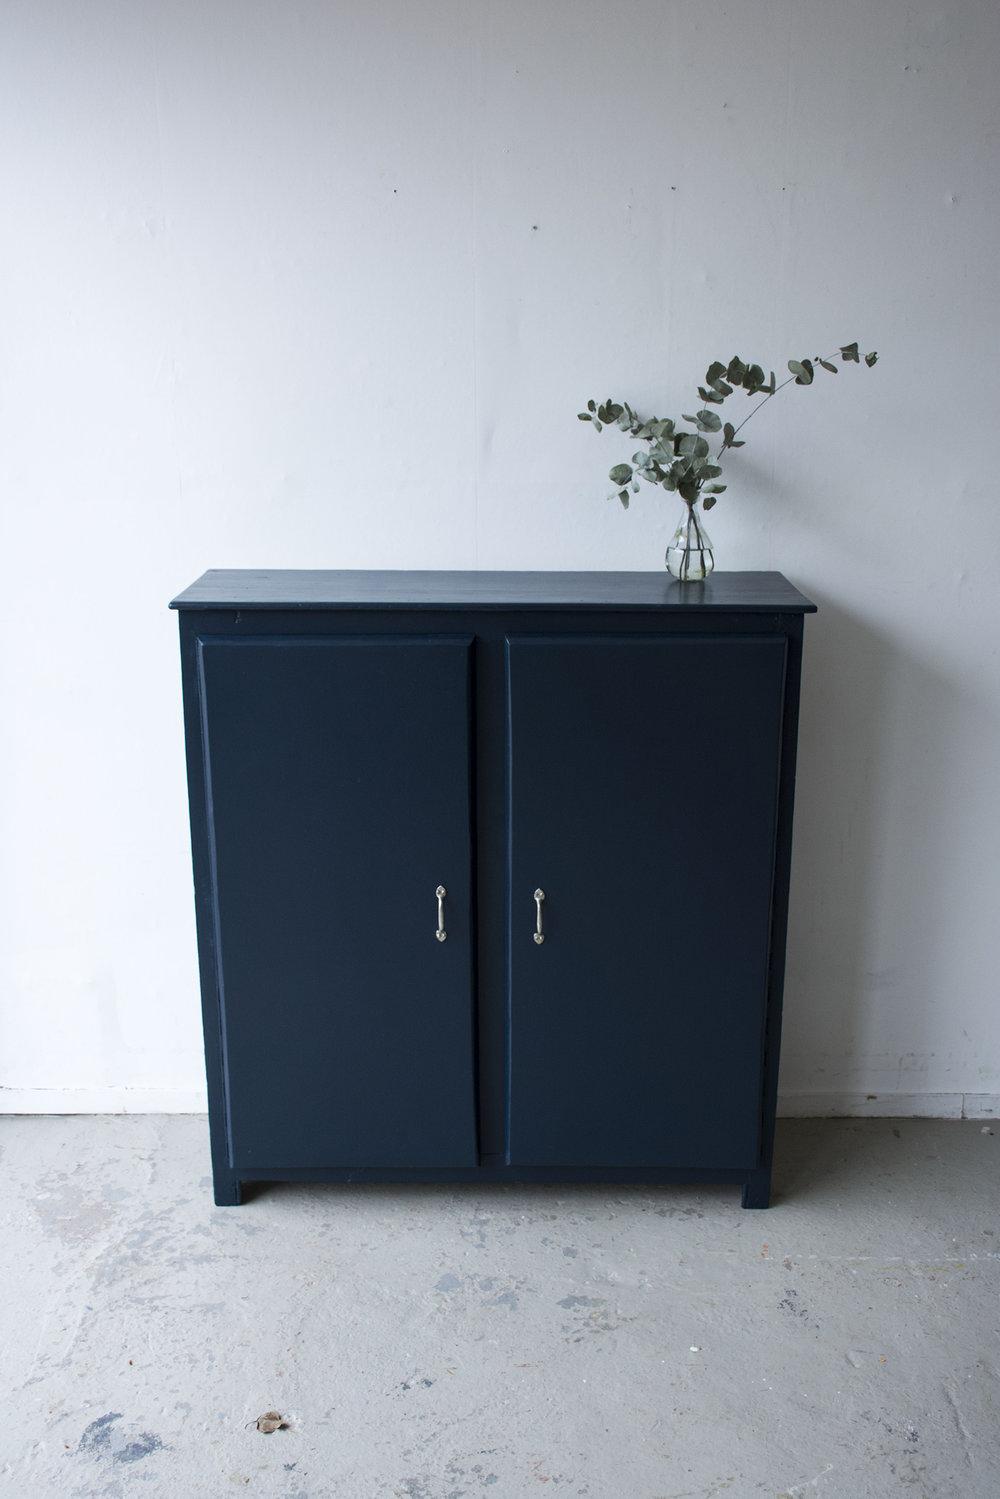 Nachtblauw kastje twee deuren - Firma zoethout_4.jpg